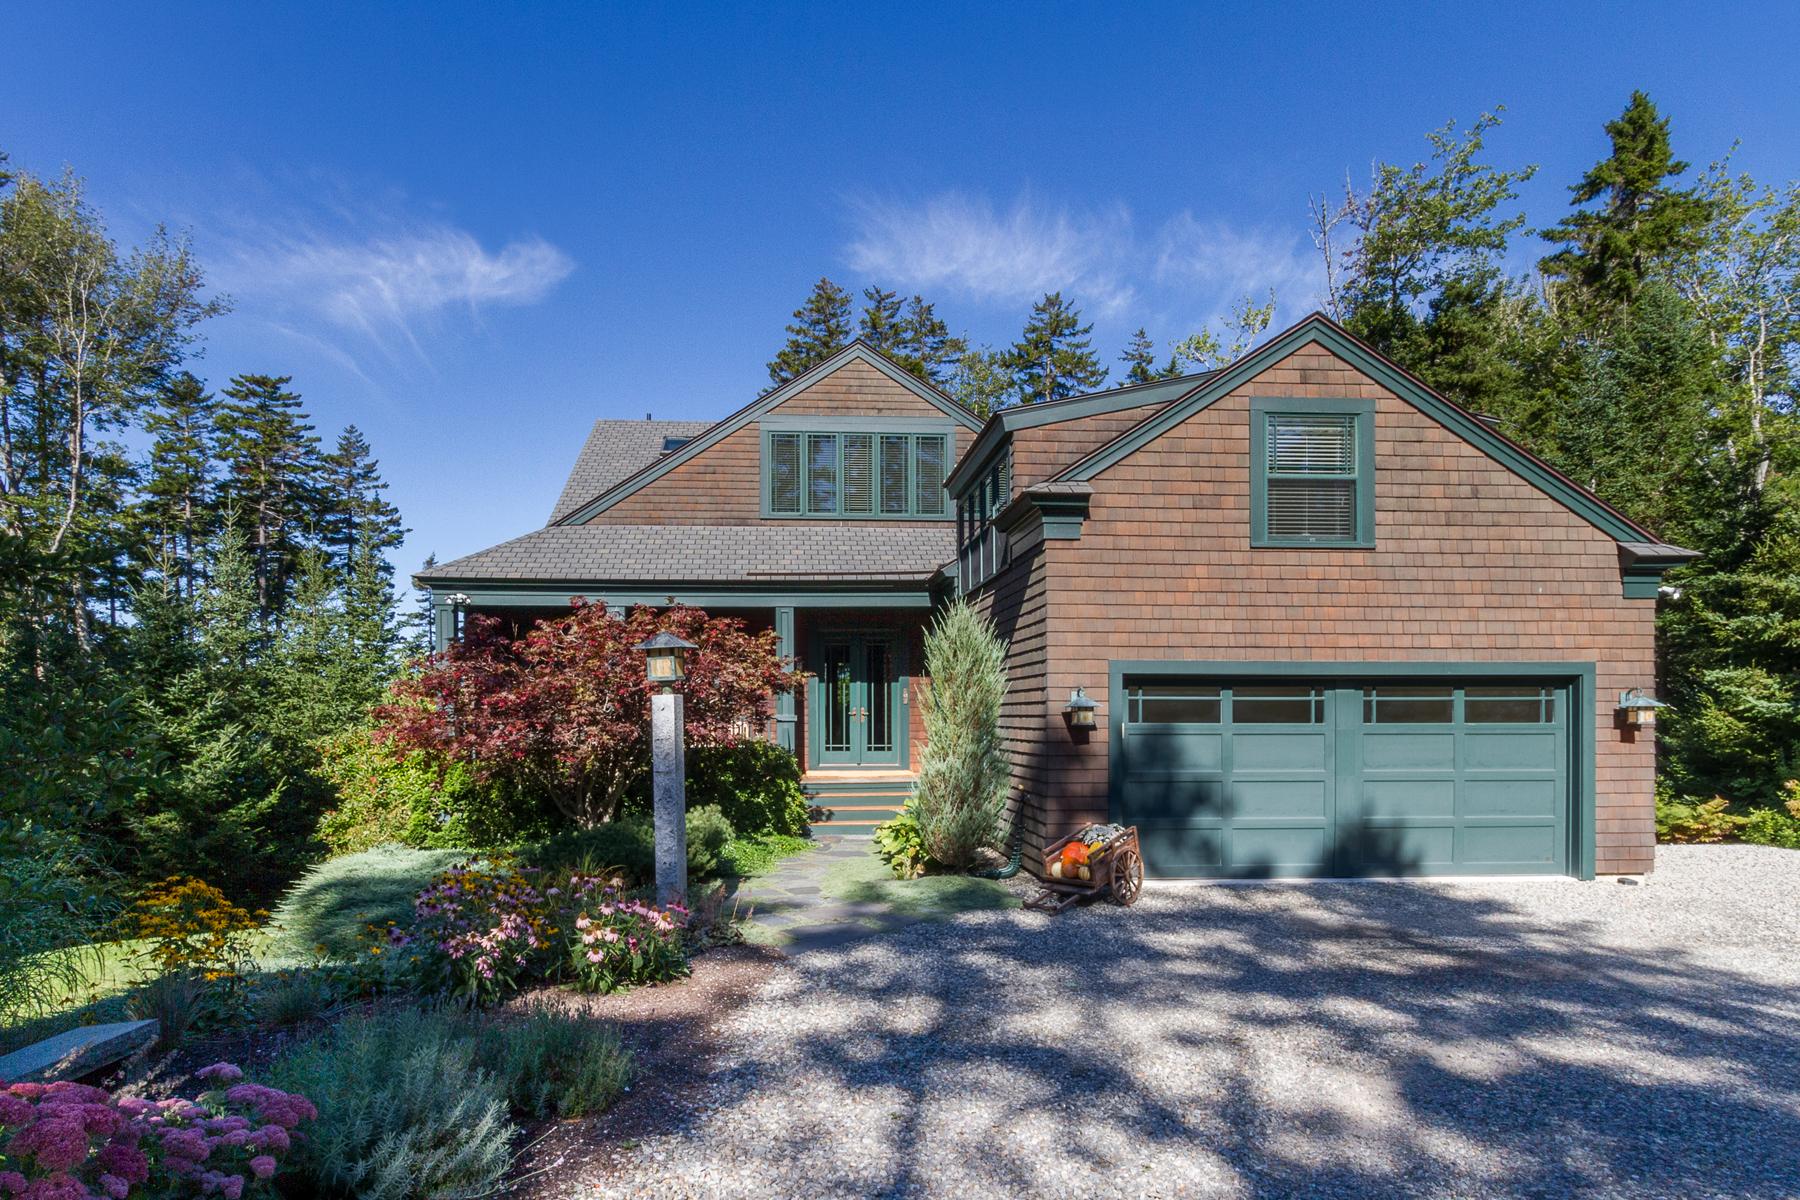 Maison unifamiliale pour l Vente à 91 Jones Point Road South Bristol, Maine, 04568 États-Unis